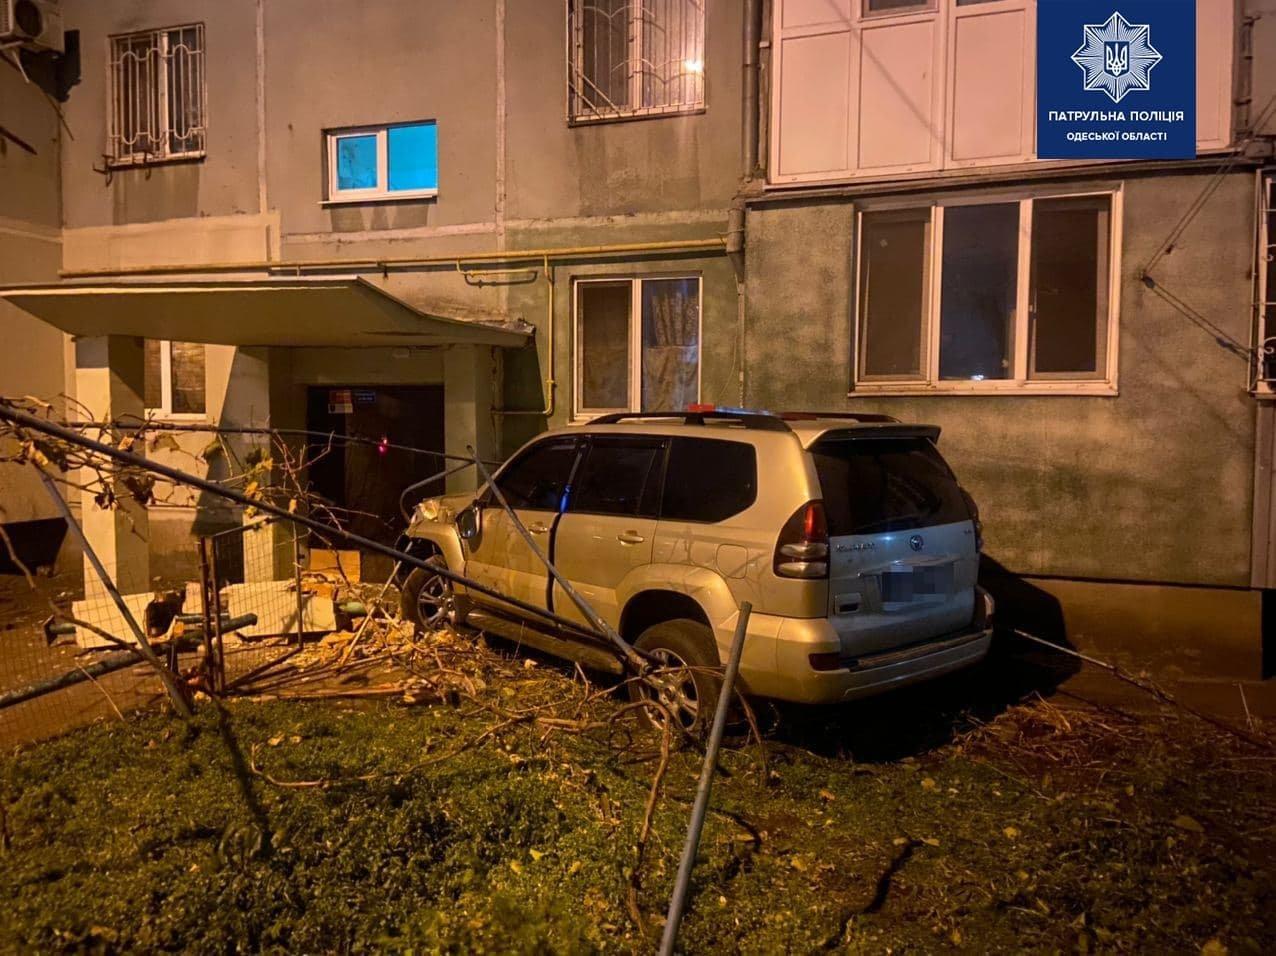 В Одессе нетрезвый водитель устроил погоню: его остановил подъезд дома, - ФОТО, ВИДЕО , фото-1